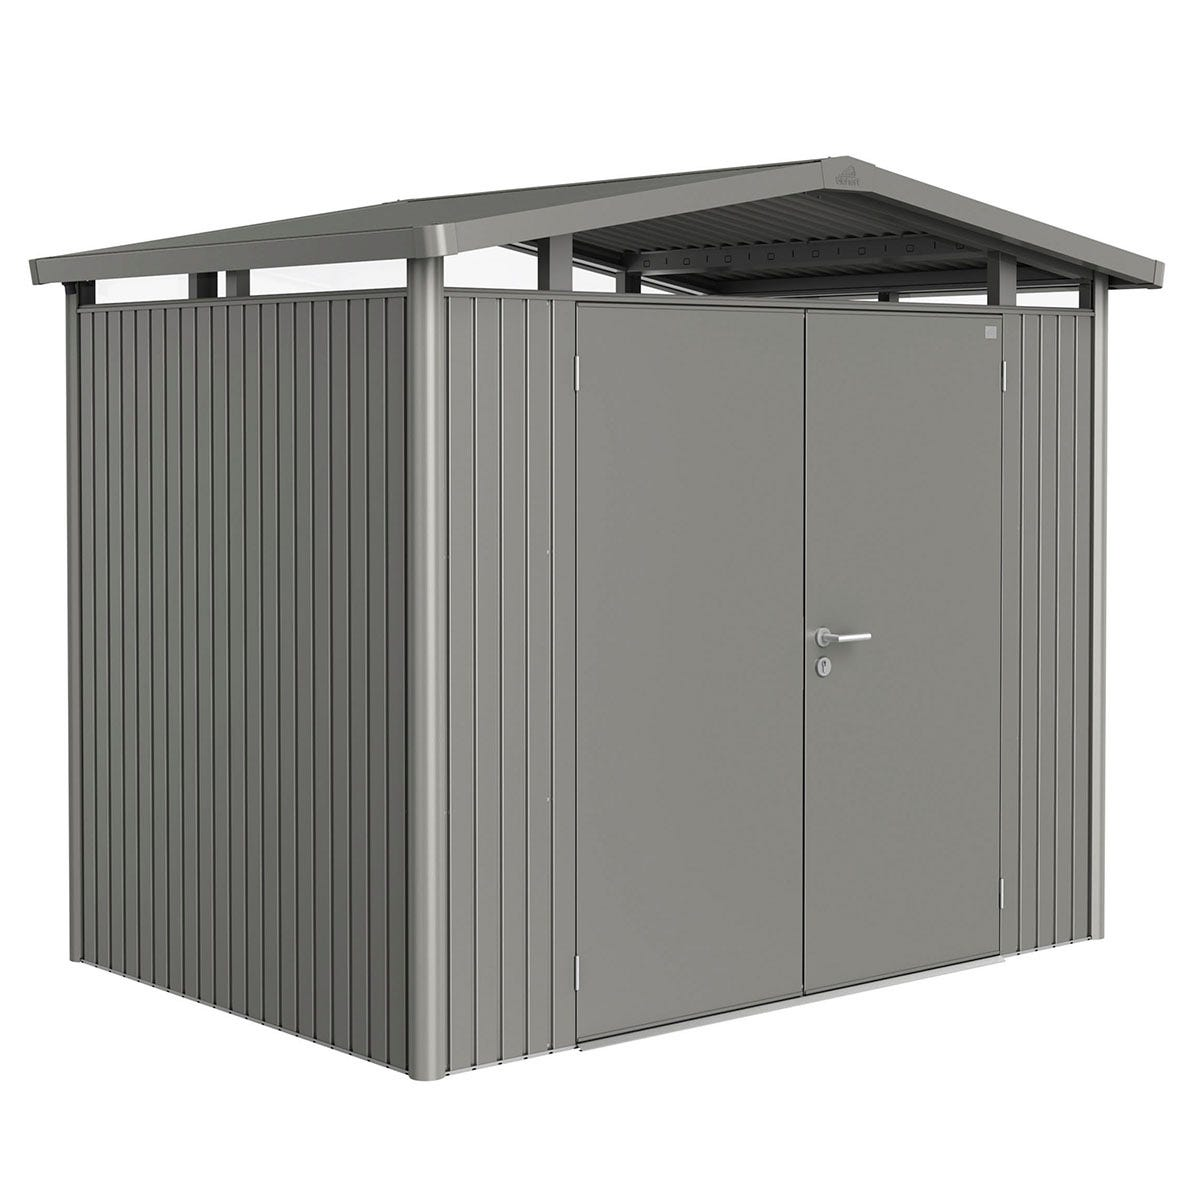 Biohort Panorama Metal Shed P2 Double Door 9' x 6' 5'' - Quartz Grey